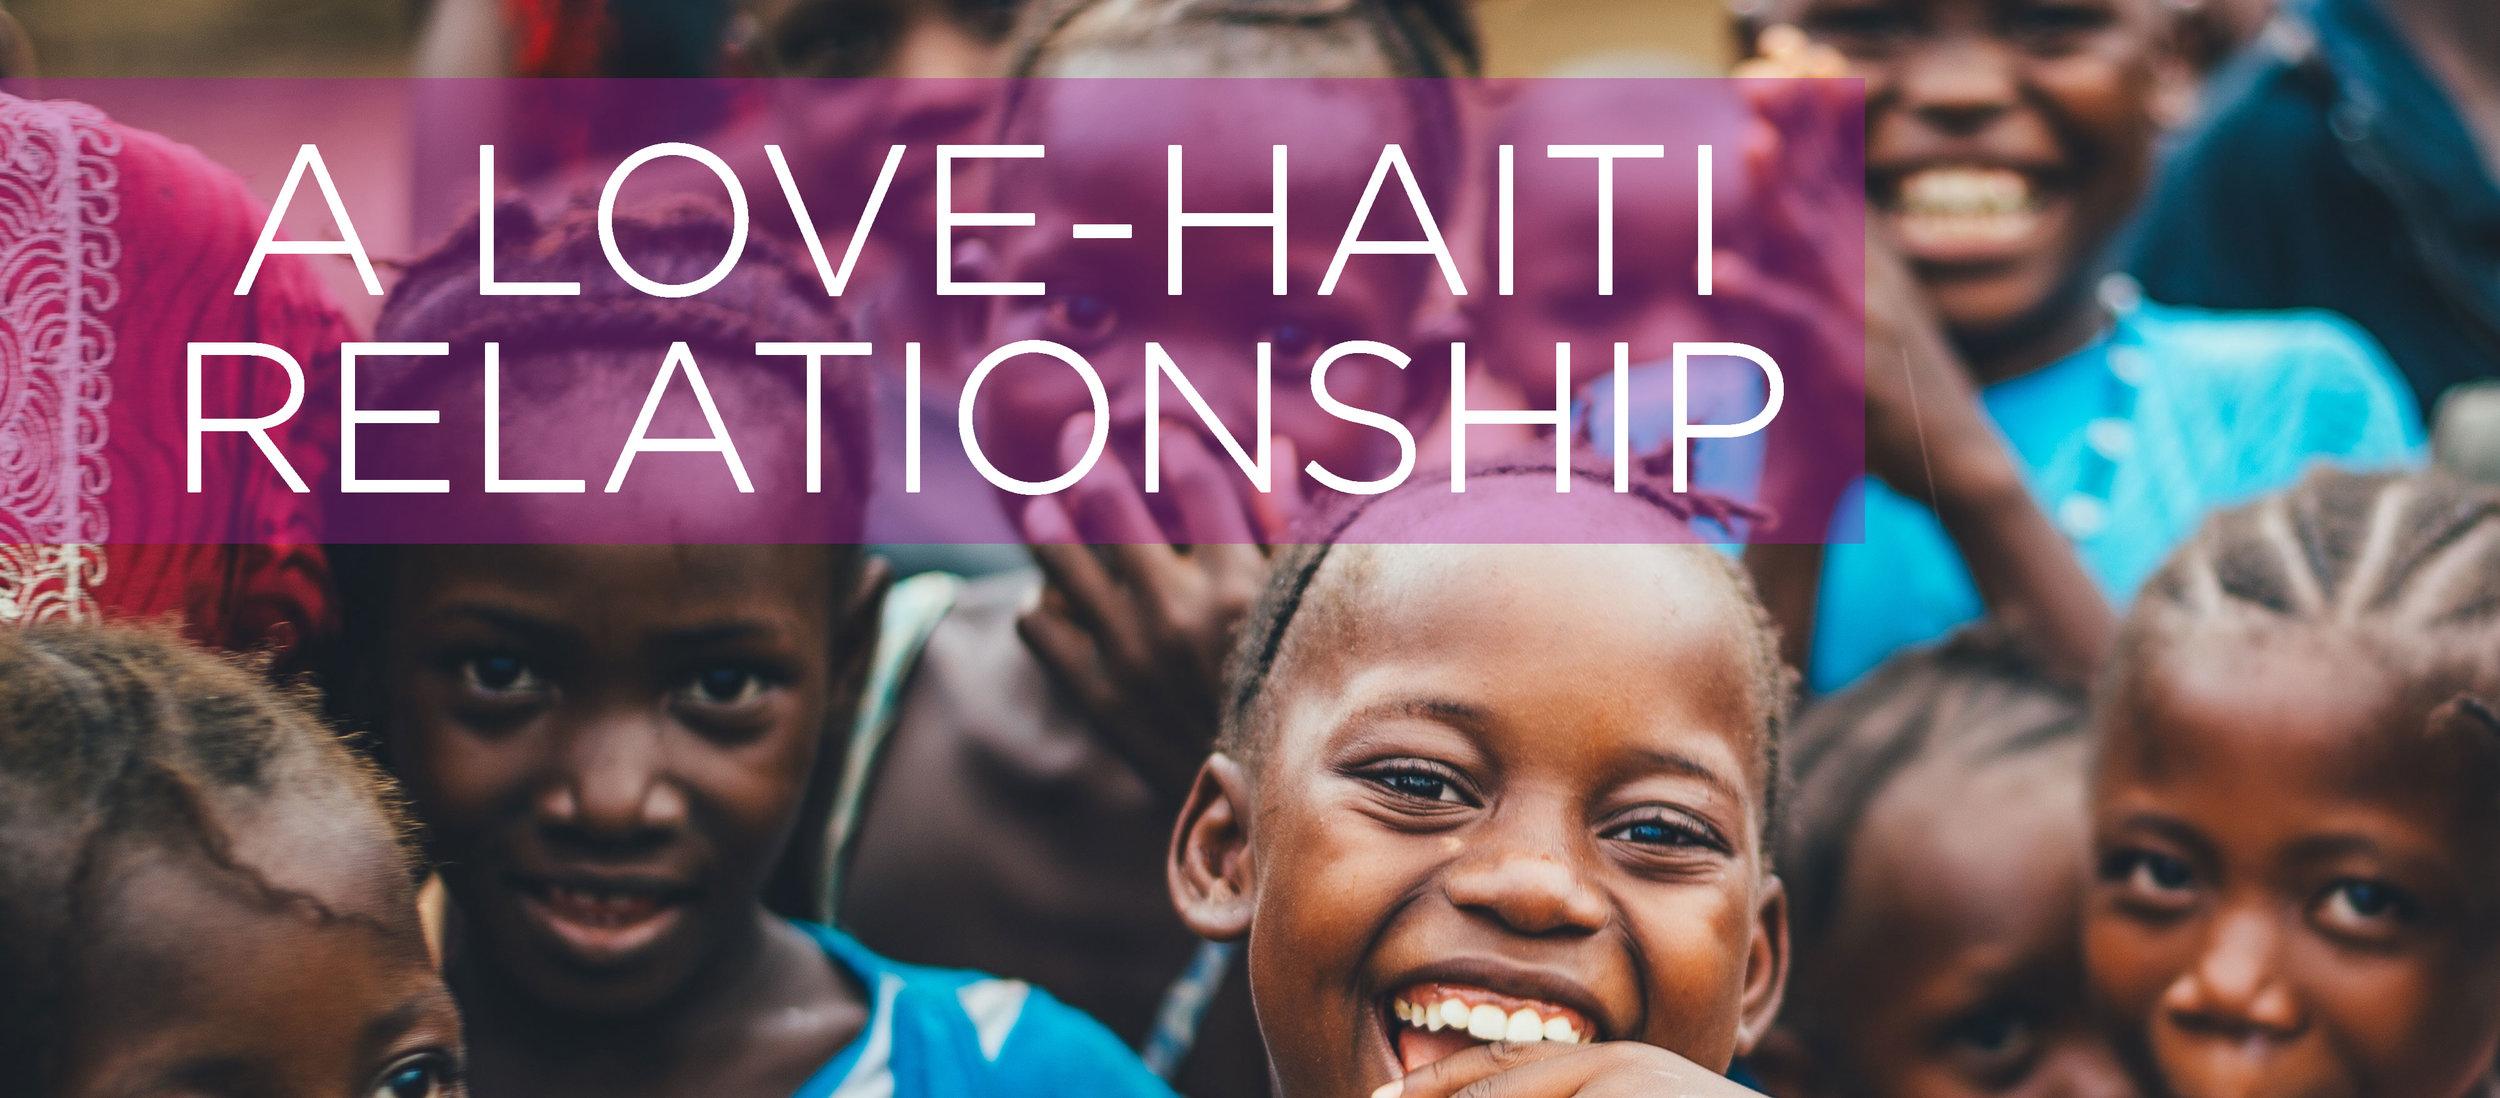 love-haiti.jpg